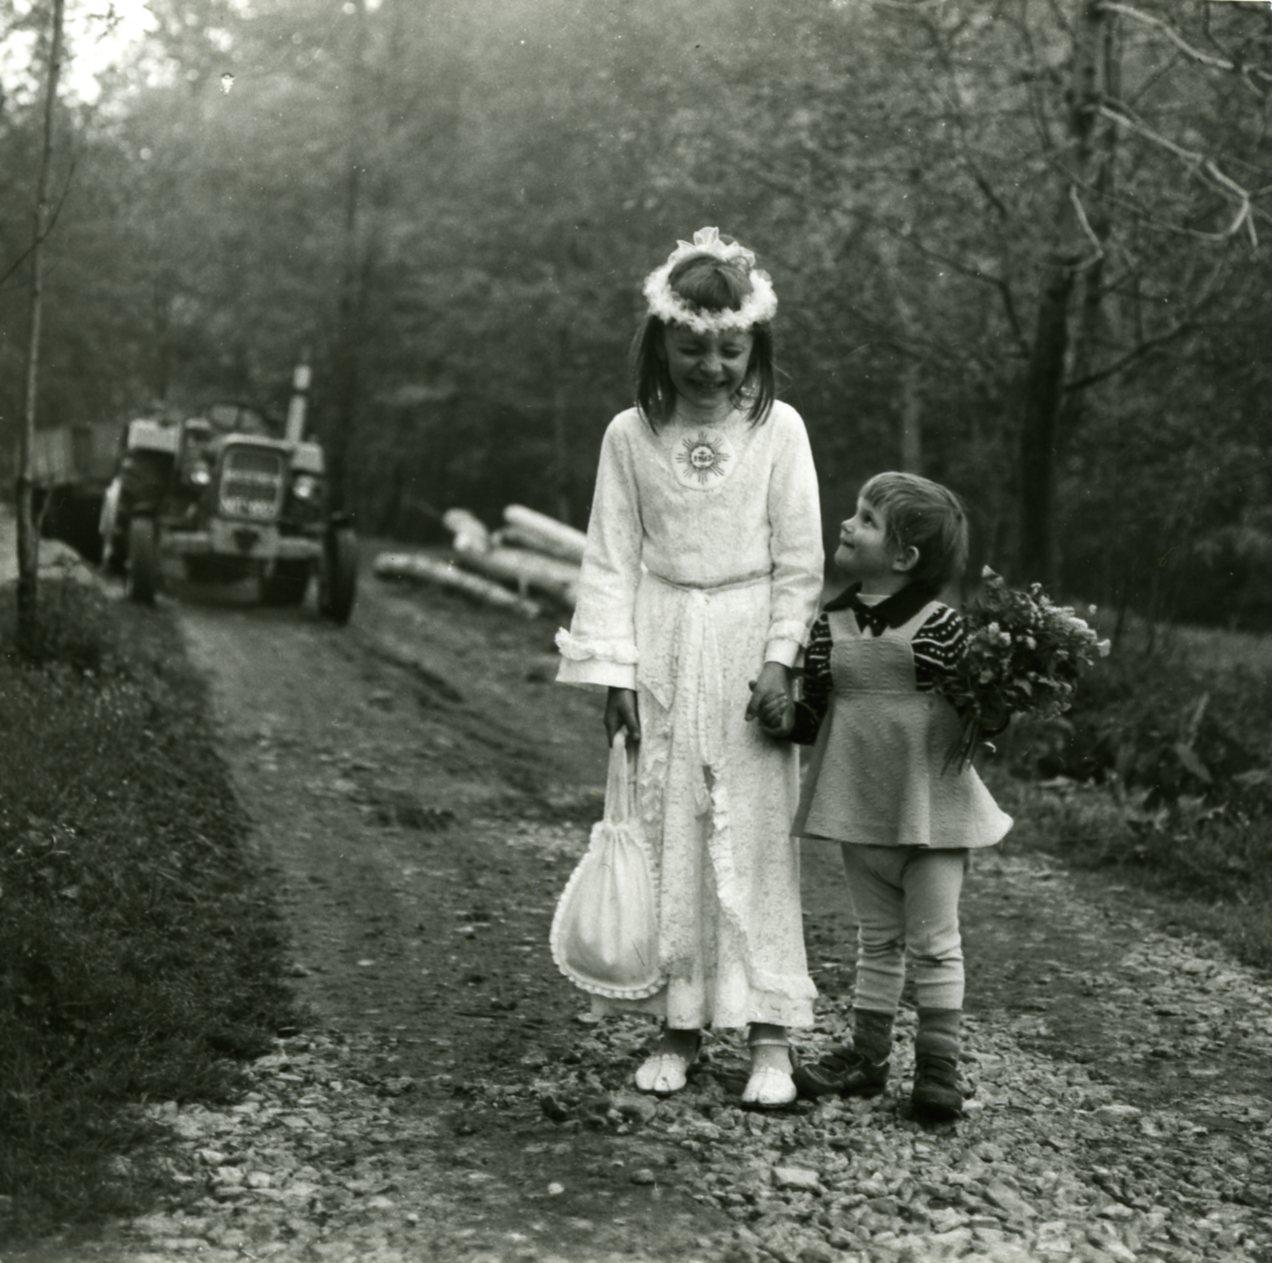 Dziewczynka w stroju komunijnym i wiankiem na głowie w towarzystwie młodszej siotry. Zdjęcie czarno-białe wykonane na leśniej ścieżce, w tyle widać traktor.